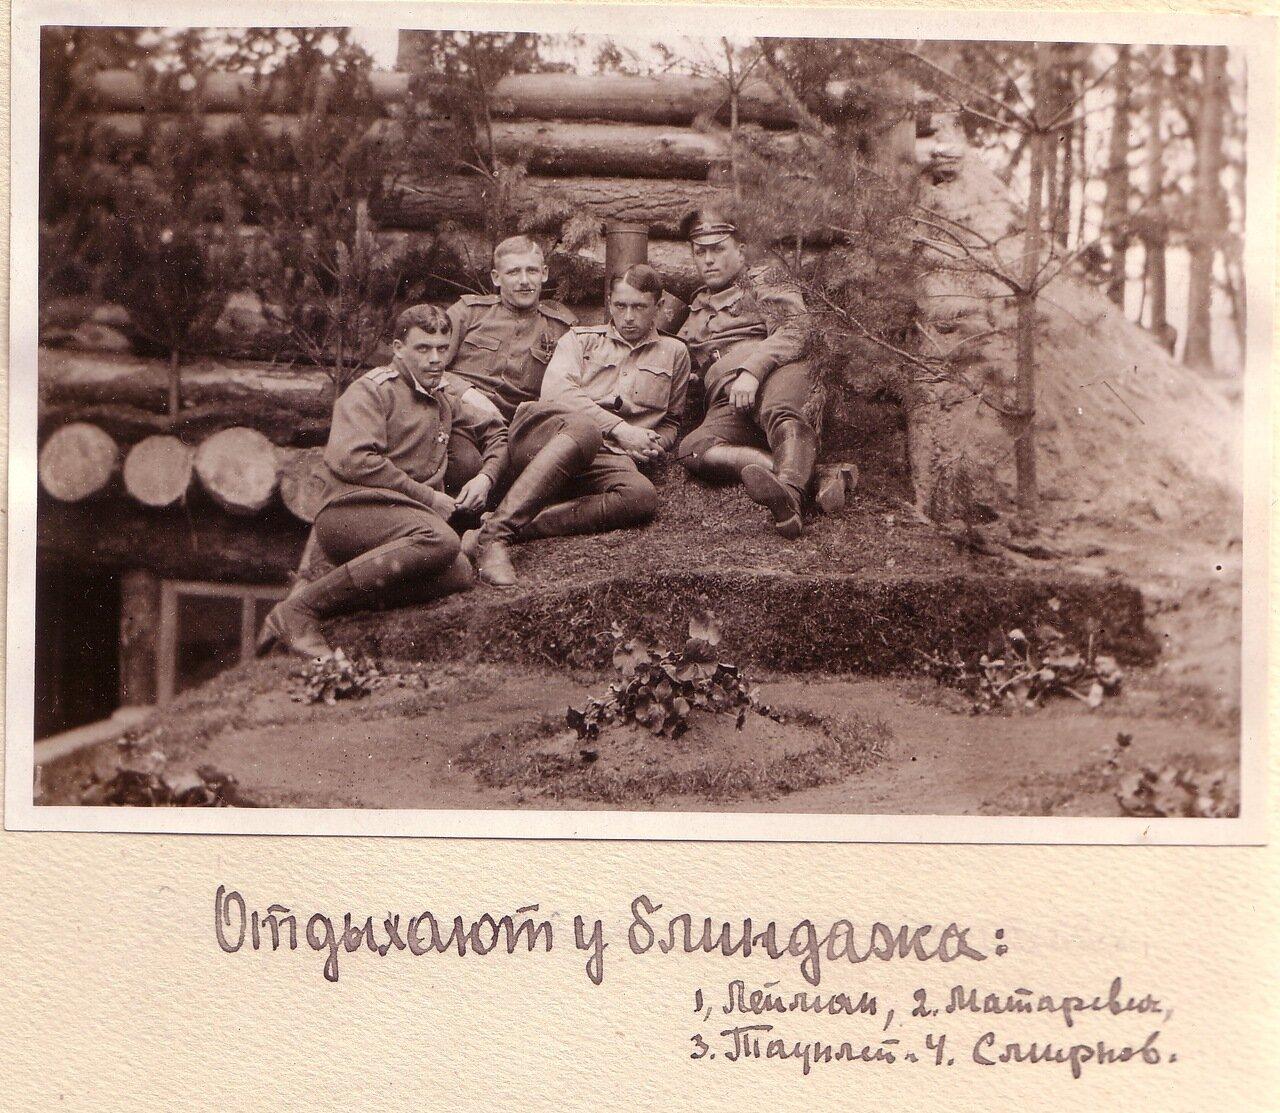 Отдыхают у блиндажа: Лейман, Матаревич, Таунлей, Смирнов